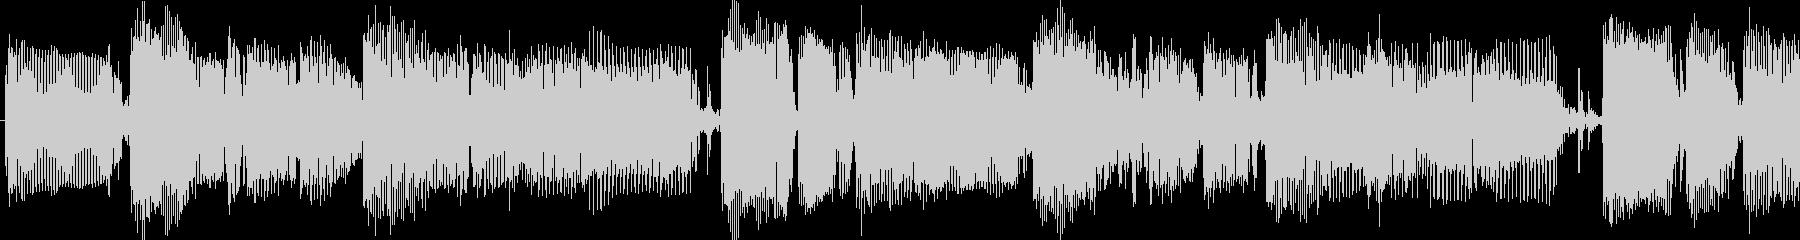 クールな雰囲気のスラップベースループソロの未再生の波形